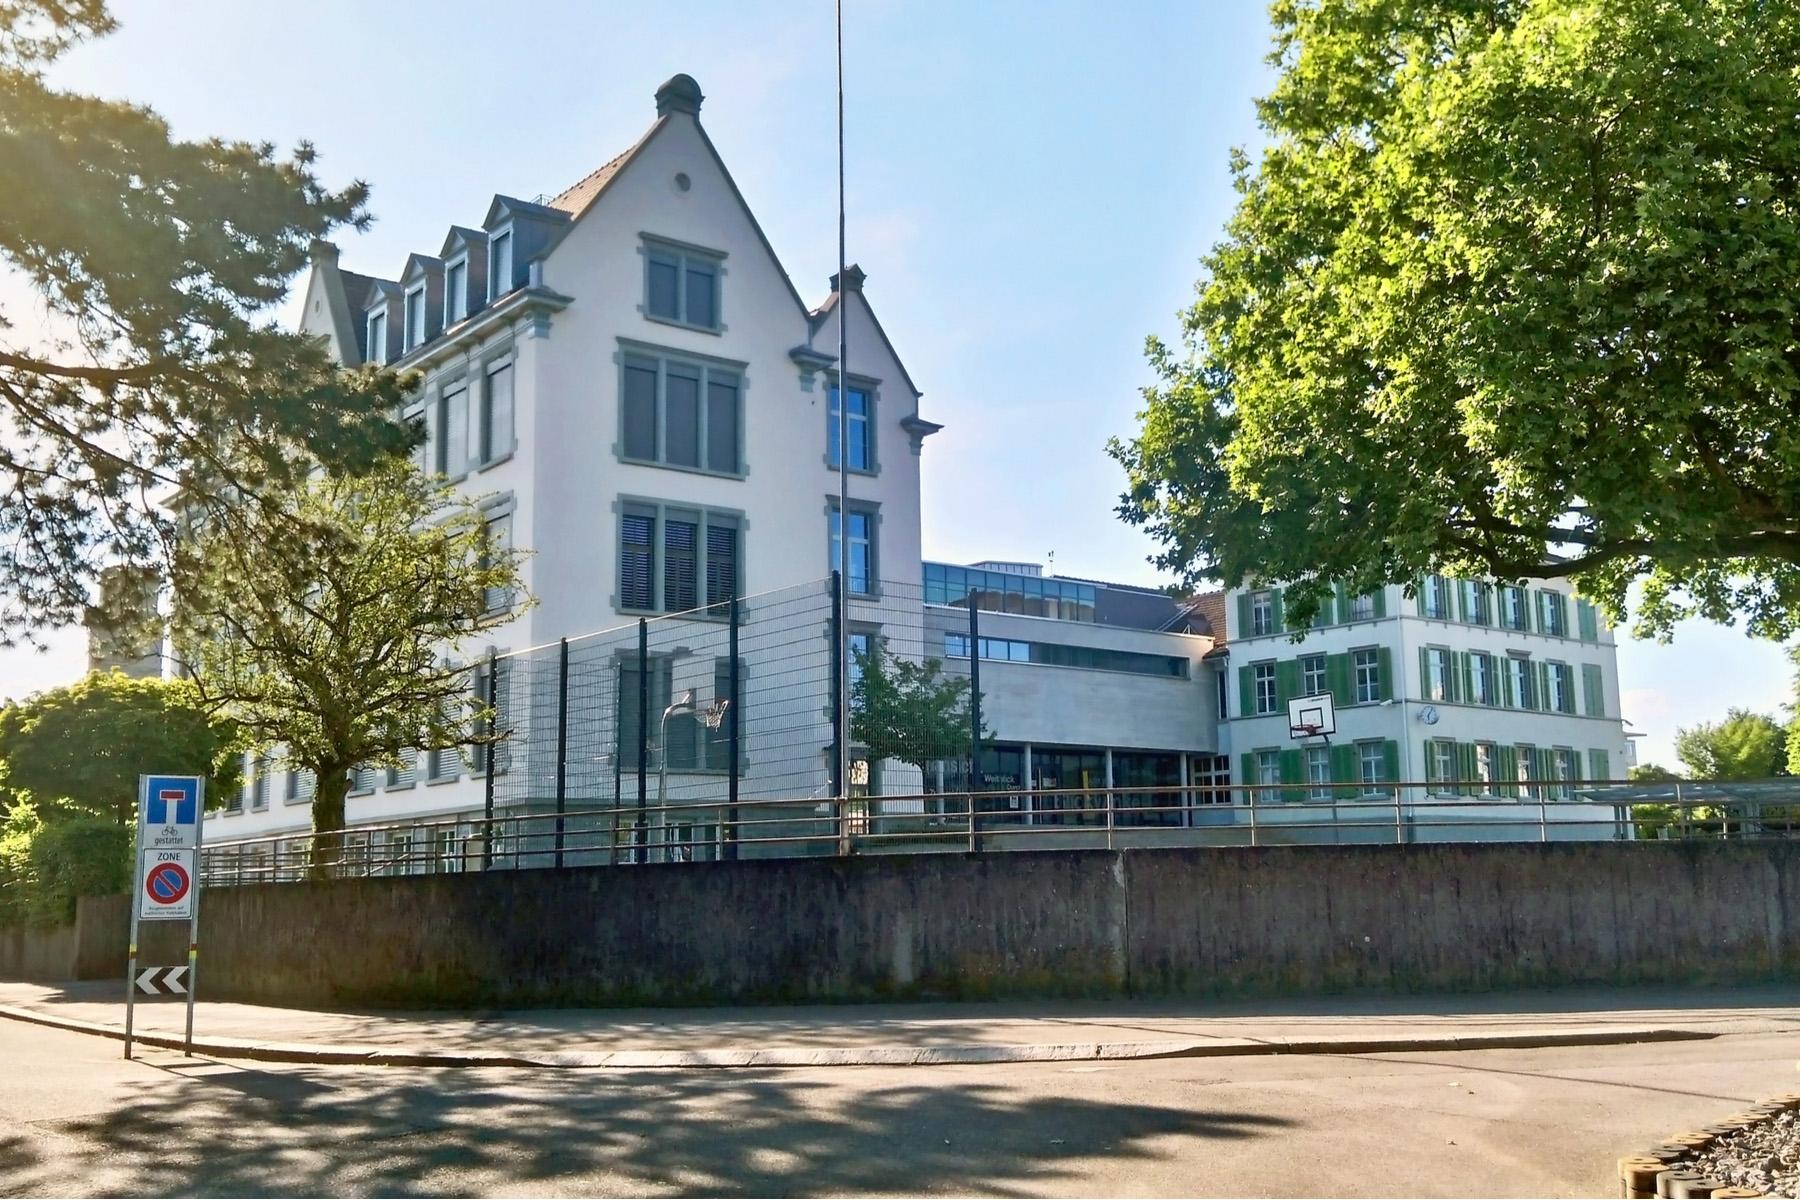 School in Zurich, Switzerland